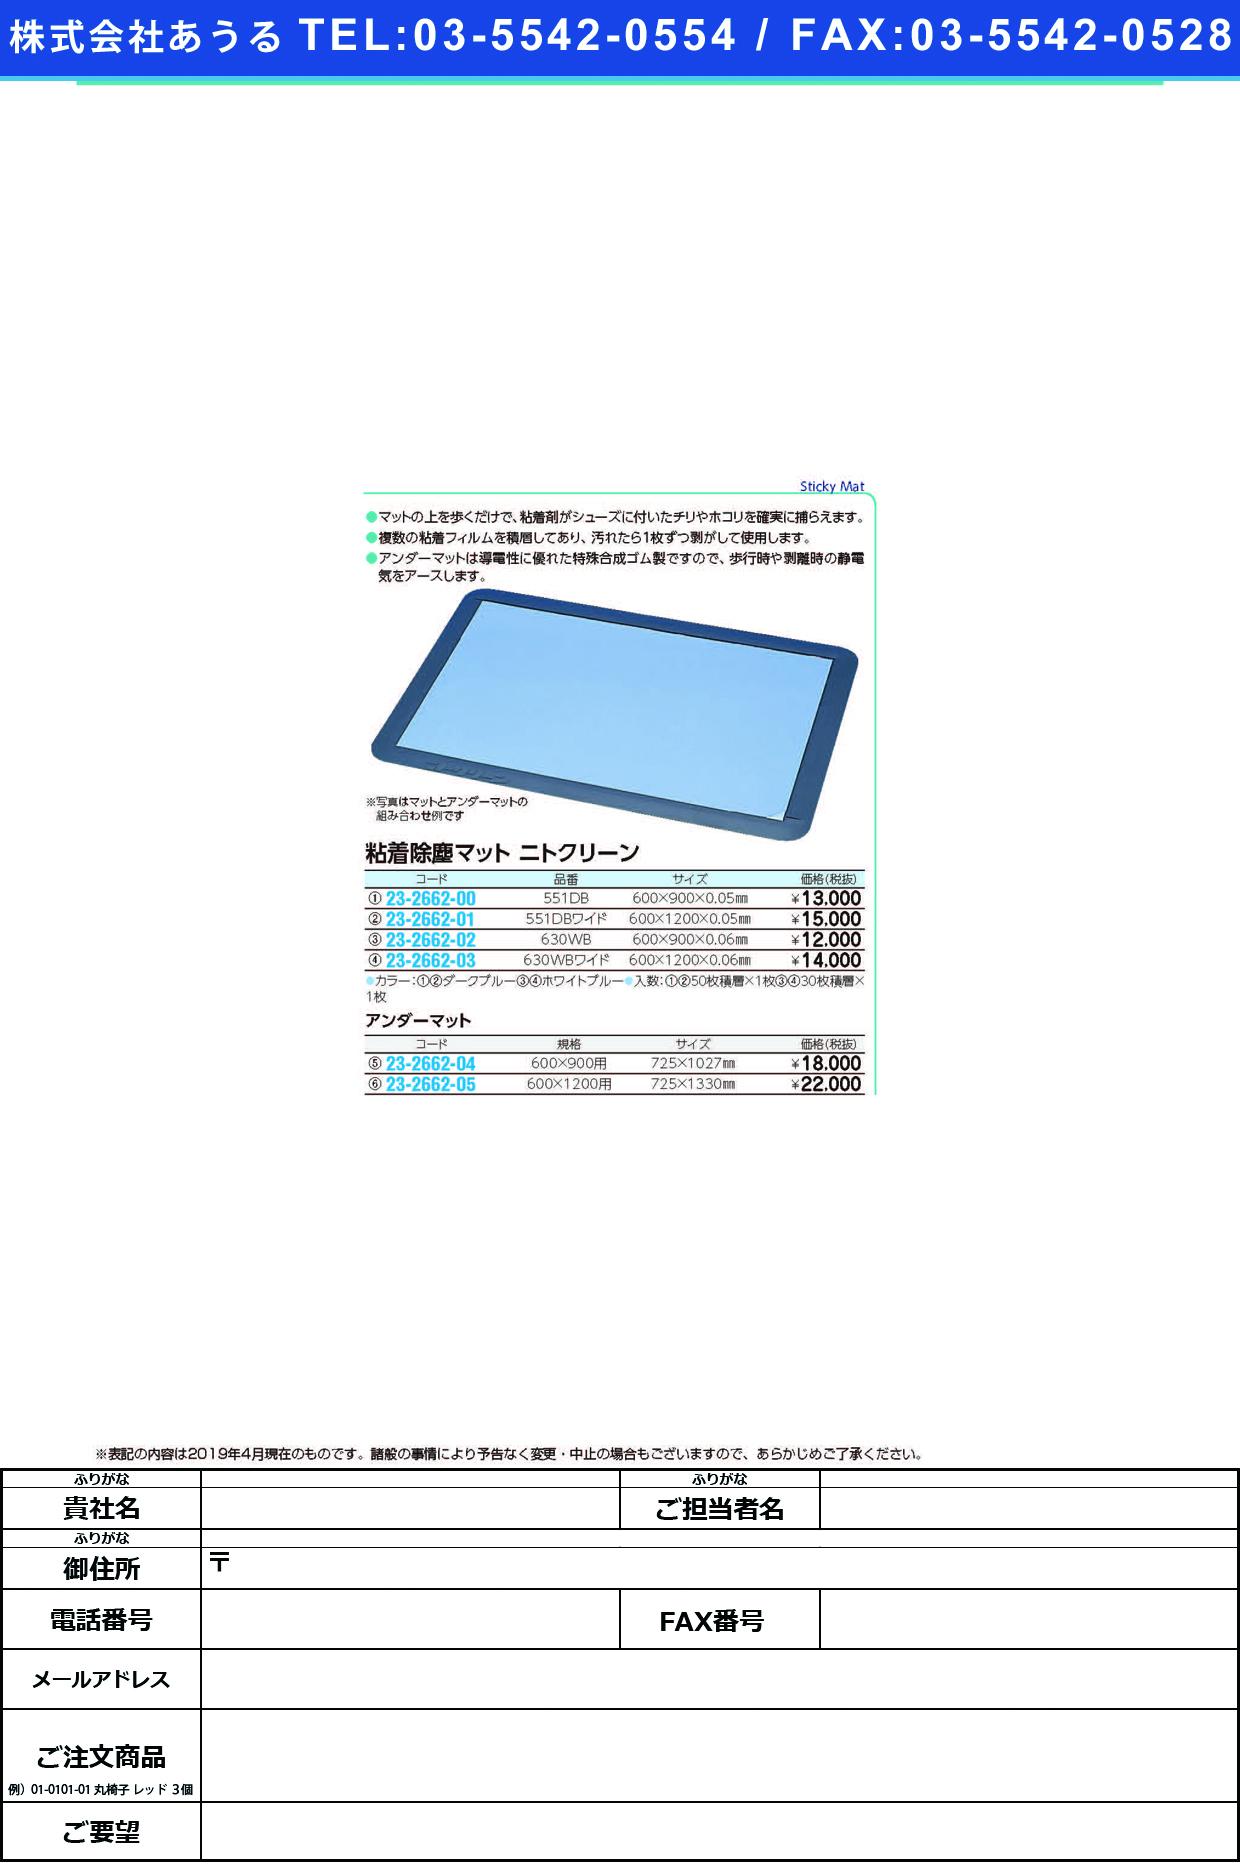 (23-2662-01)ニトクリーン剥離式マット60×120 551DB(50マイセキソウ) ニトクリーン【1枚単位】【2019年カタログ商品】